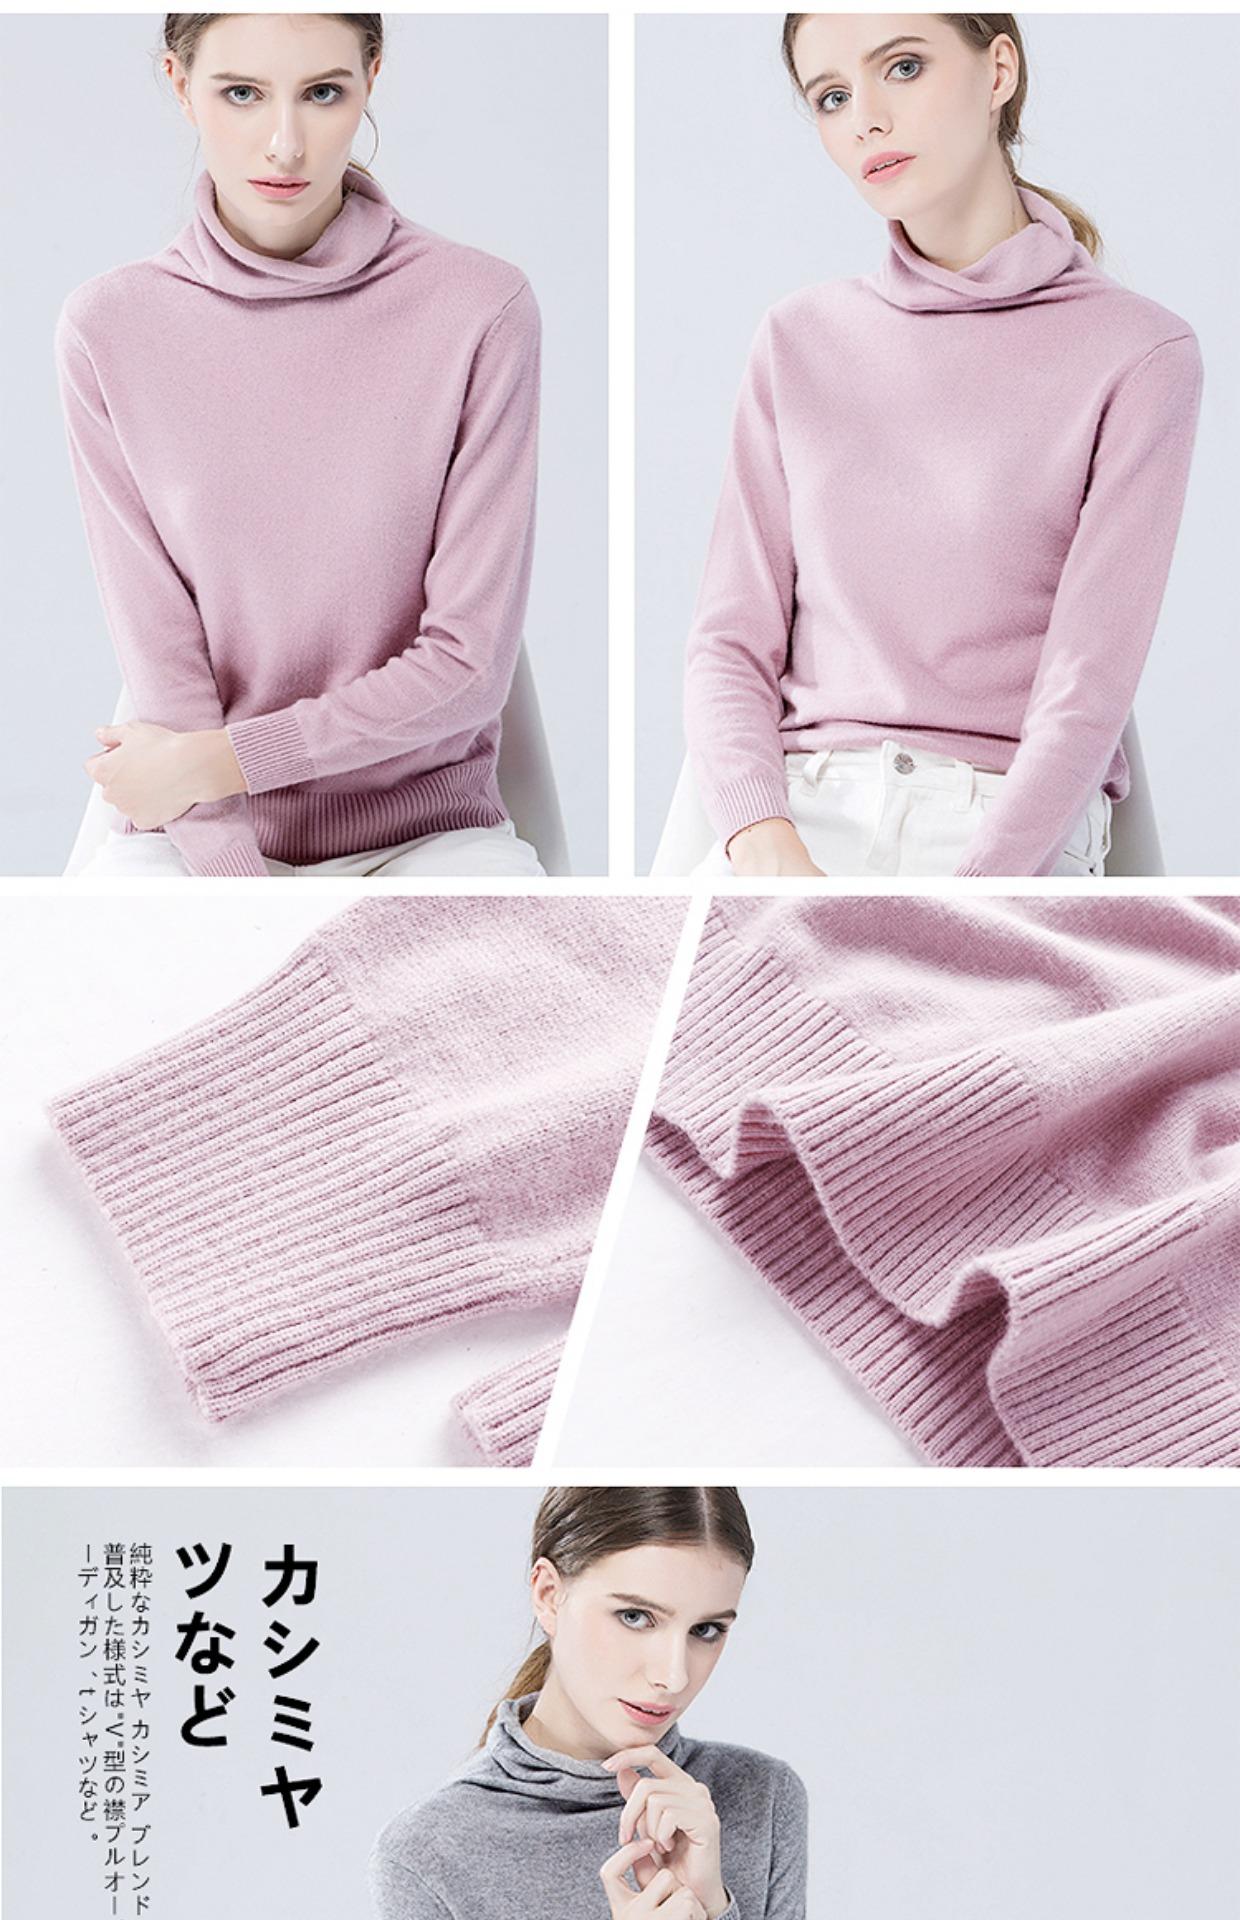 高仿圣罗兰ysl欧美秋冬短款高领加厚羊绒衫QPG365 第21张